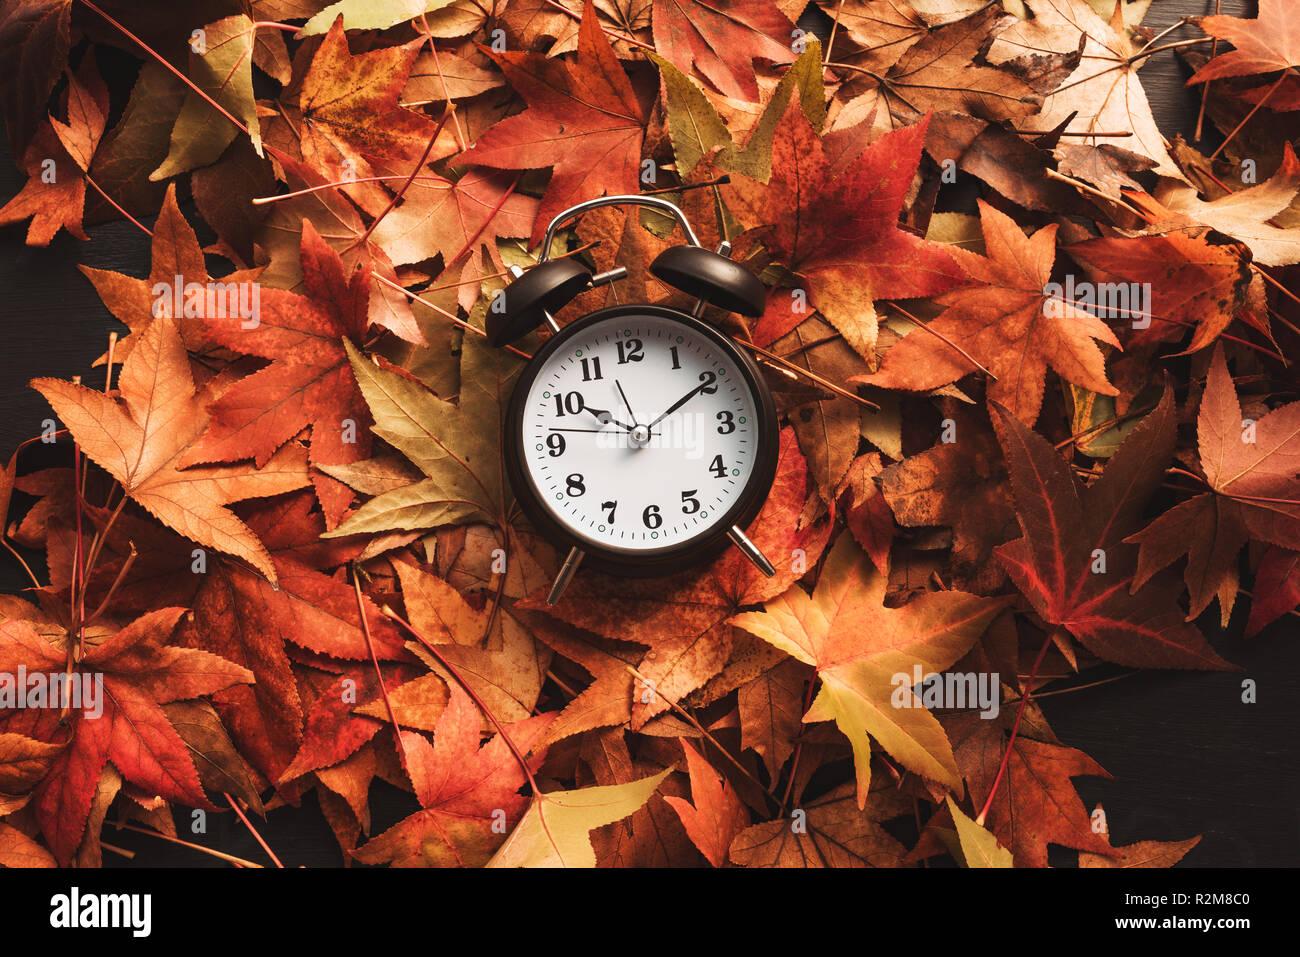 Herbst Zeit, Retro Vintage Wecker in trockenen Herbstlaub - Sommerzeit Konzept Stockfoto